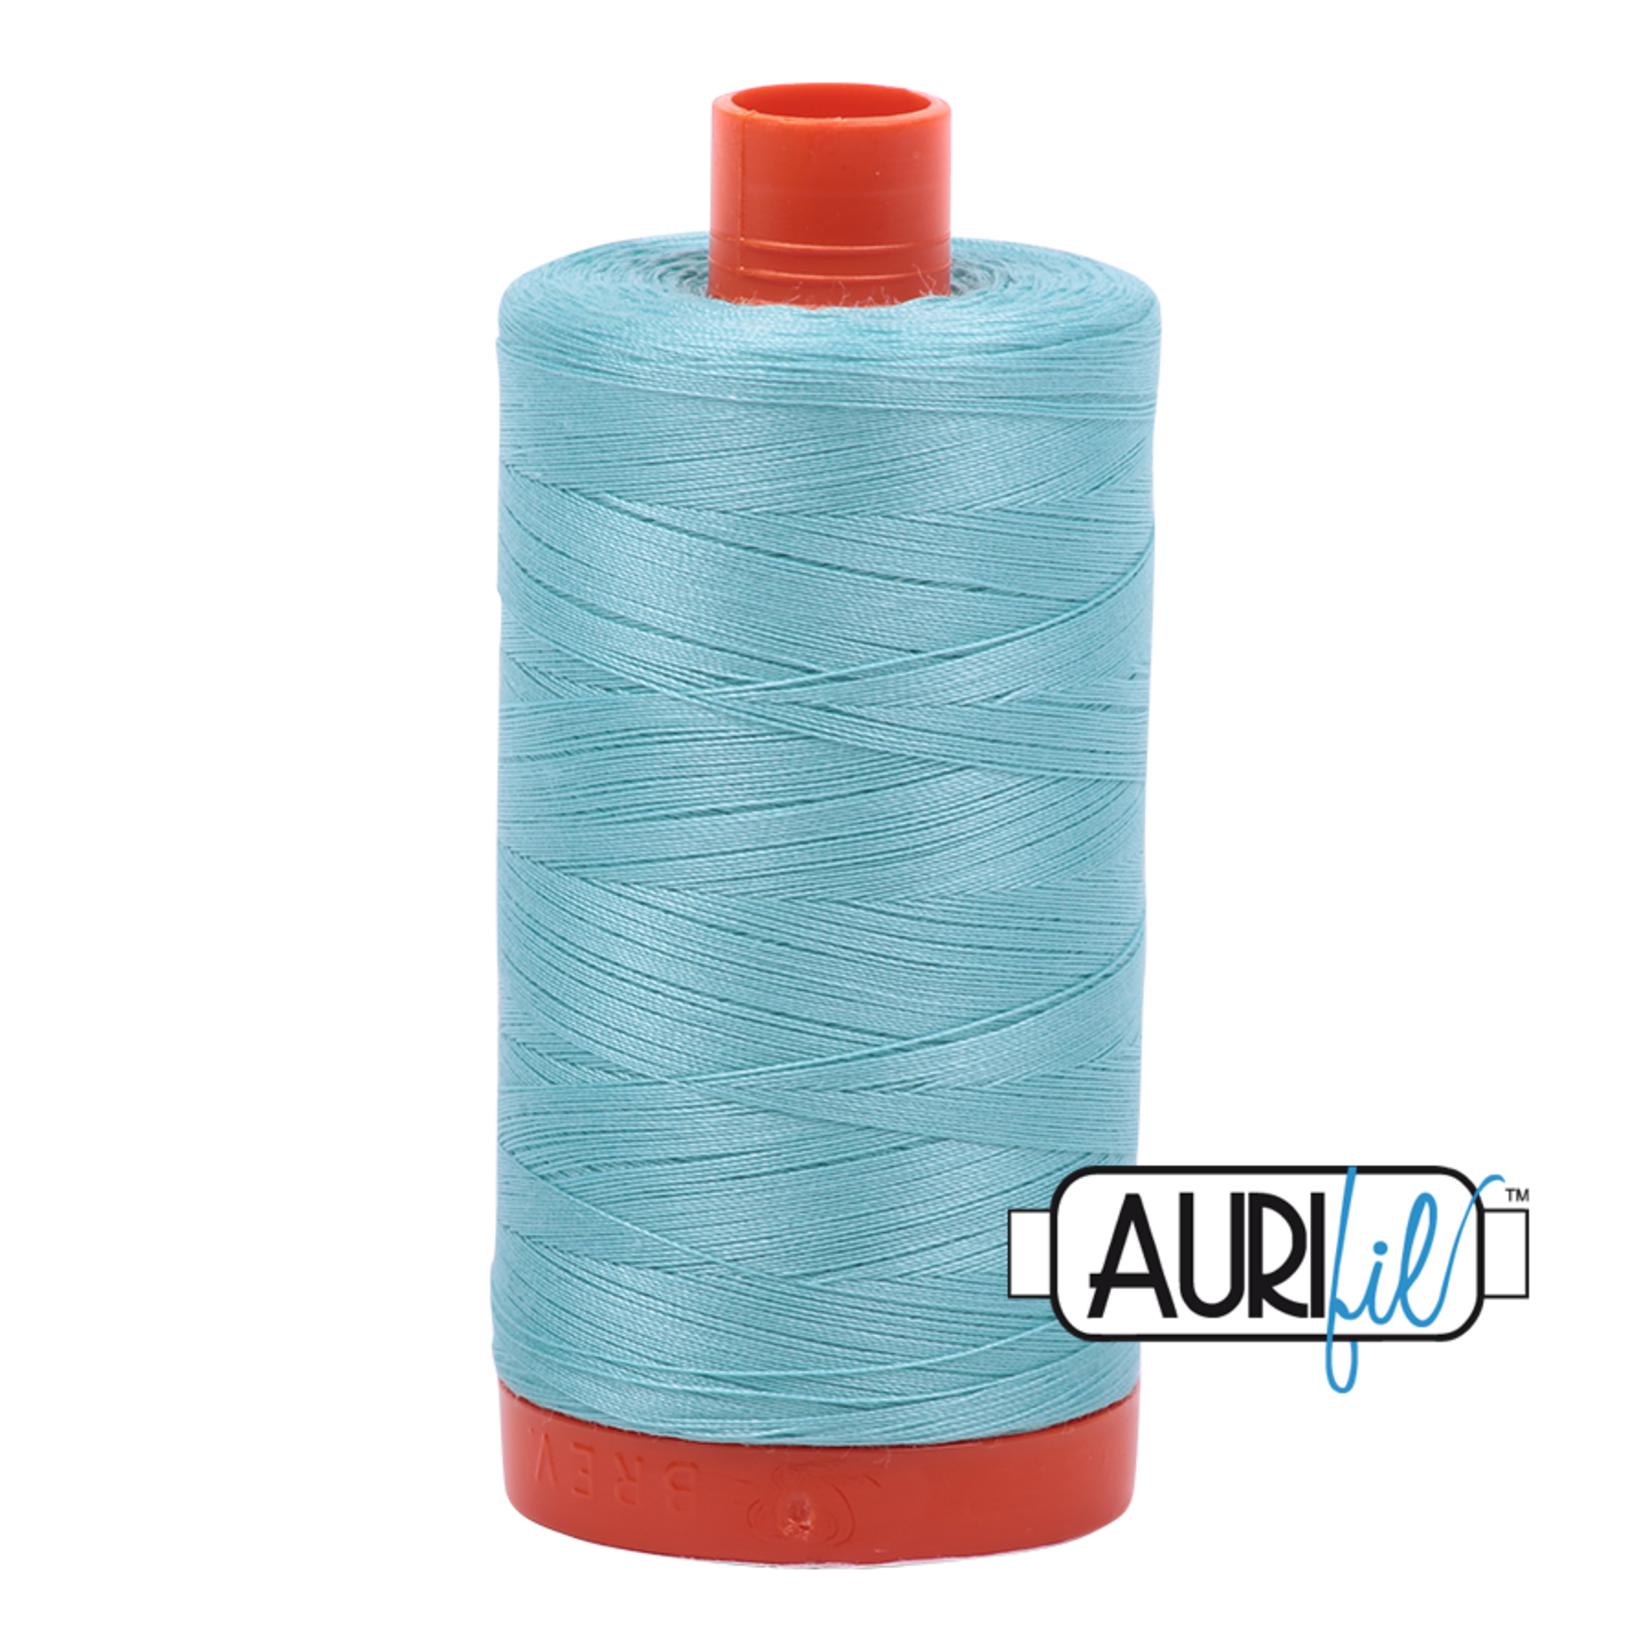 AURIFIL AURIFIL 50 WT Light Turquoise 5006